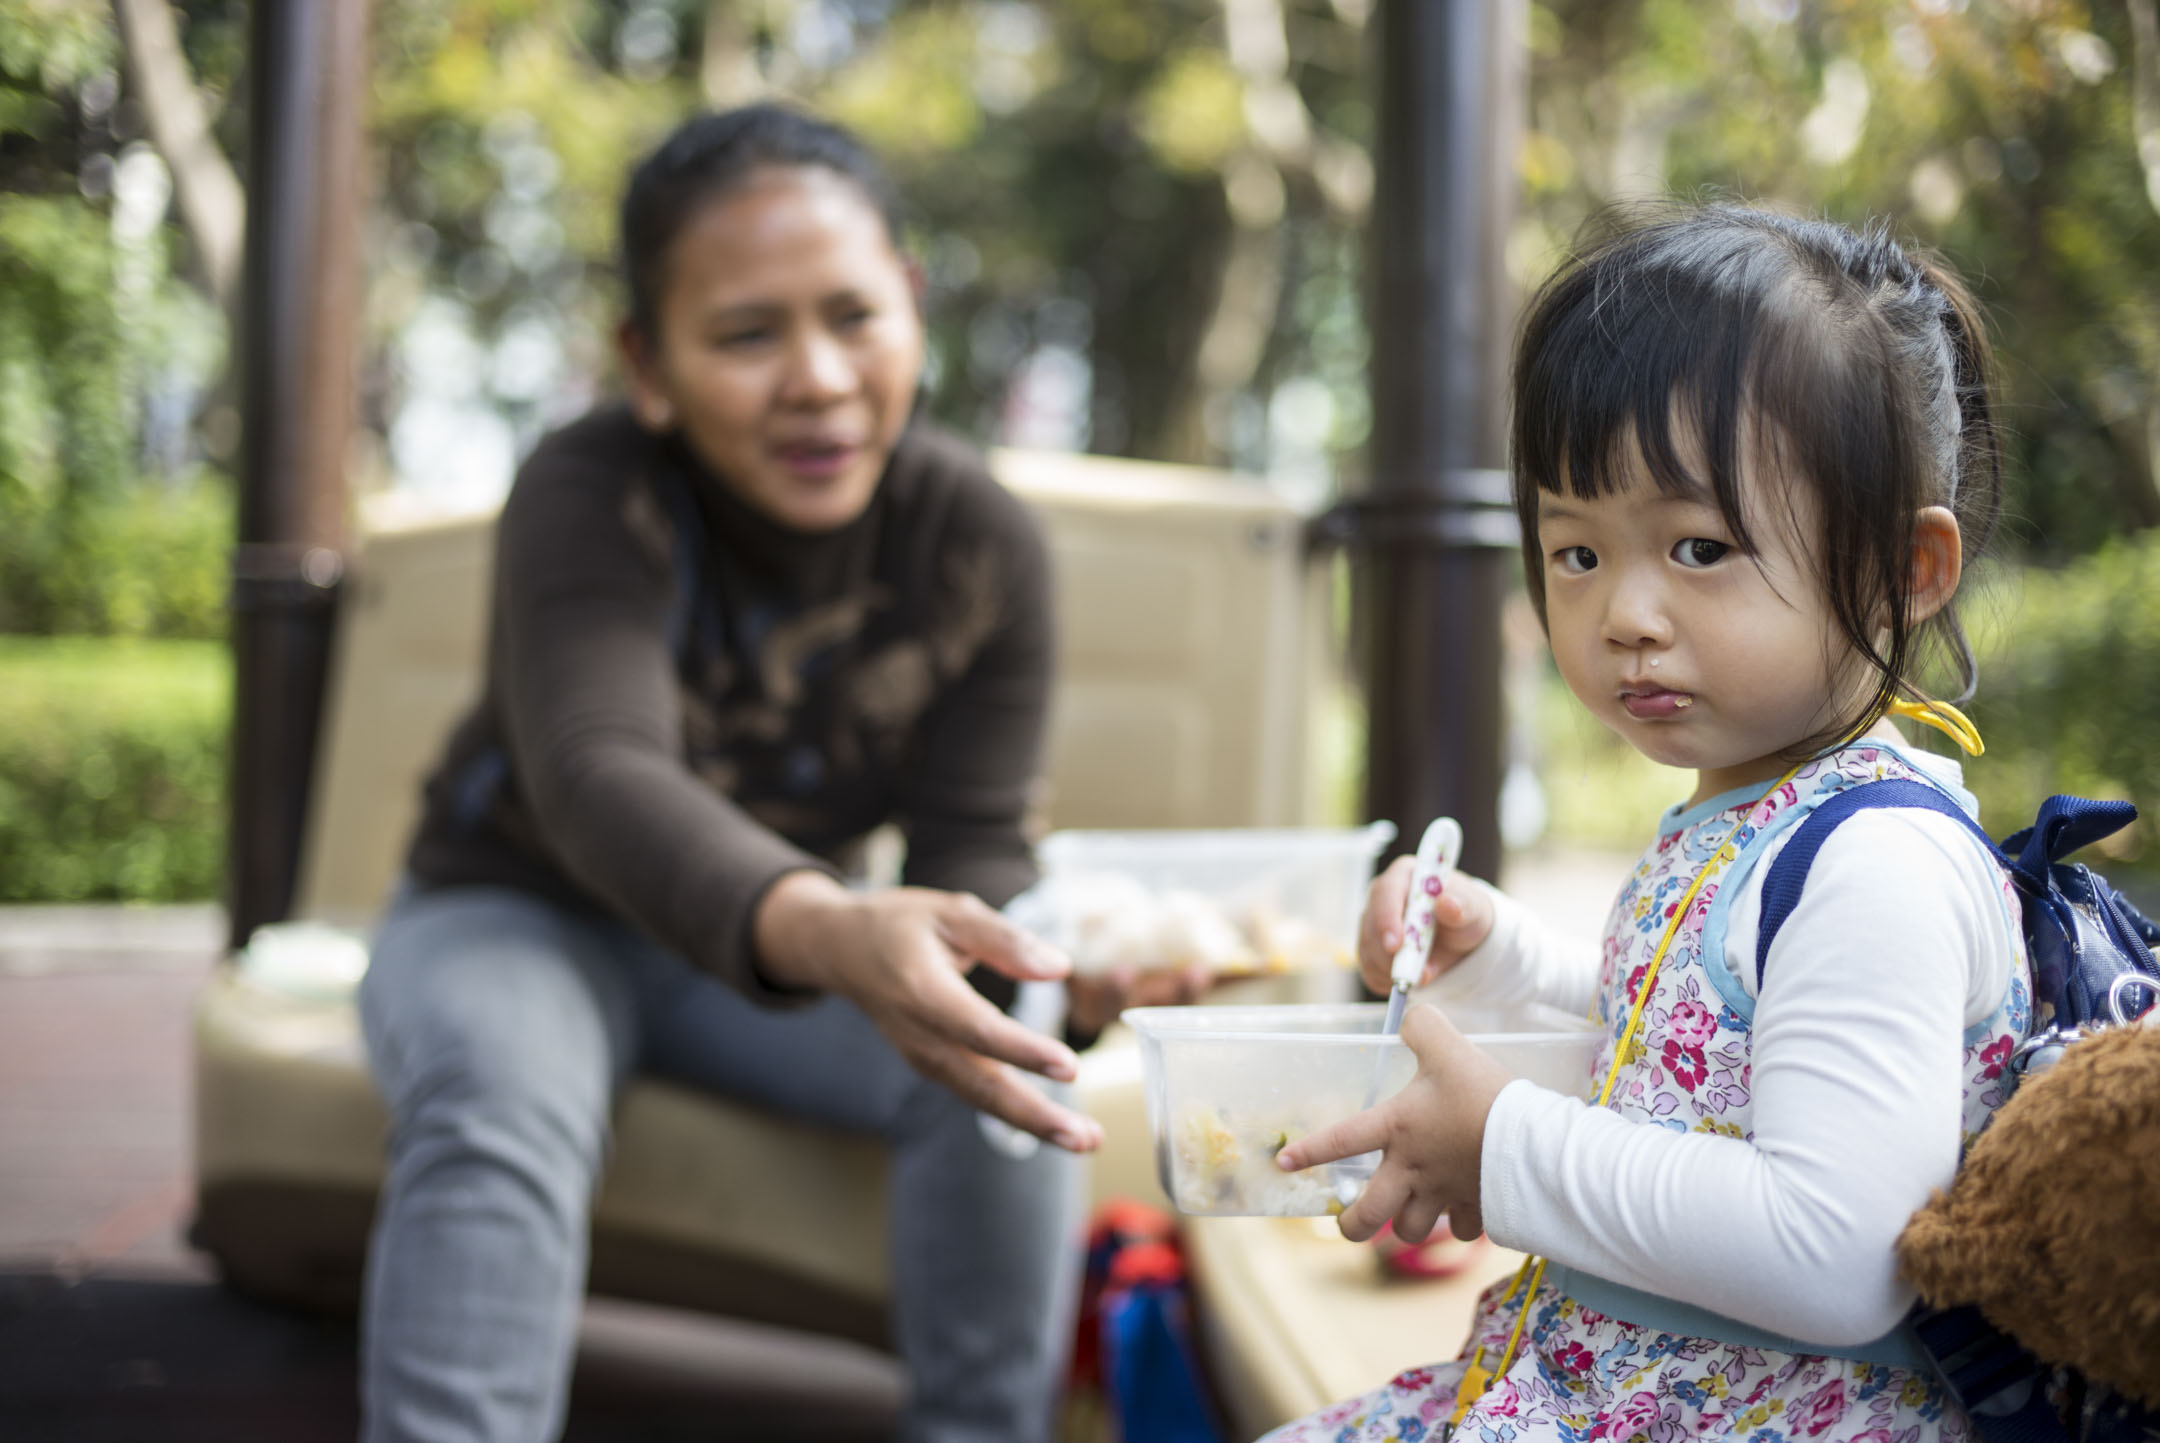 雙職家庭聘用外傭為主要照顧者,她們照顧和陪伴僱主子女的時間可能比父母本身還要多。圖為Kitty女兒今年兩歲半,由外傭Warni照顧日常生活。 攝:林振東/端傳媒